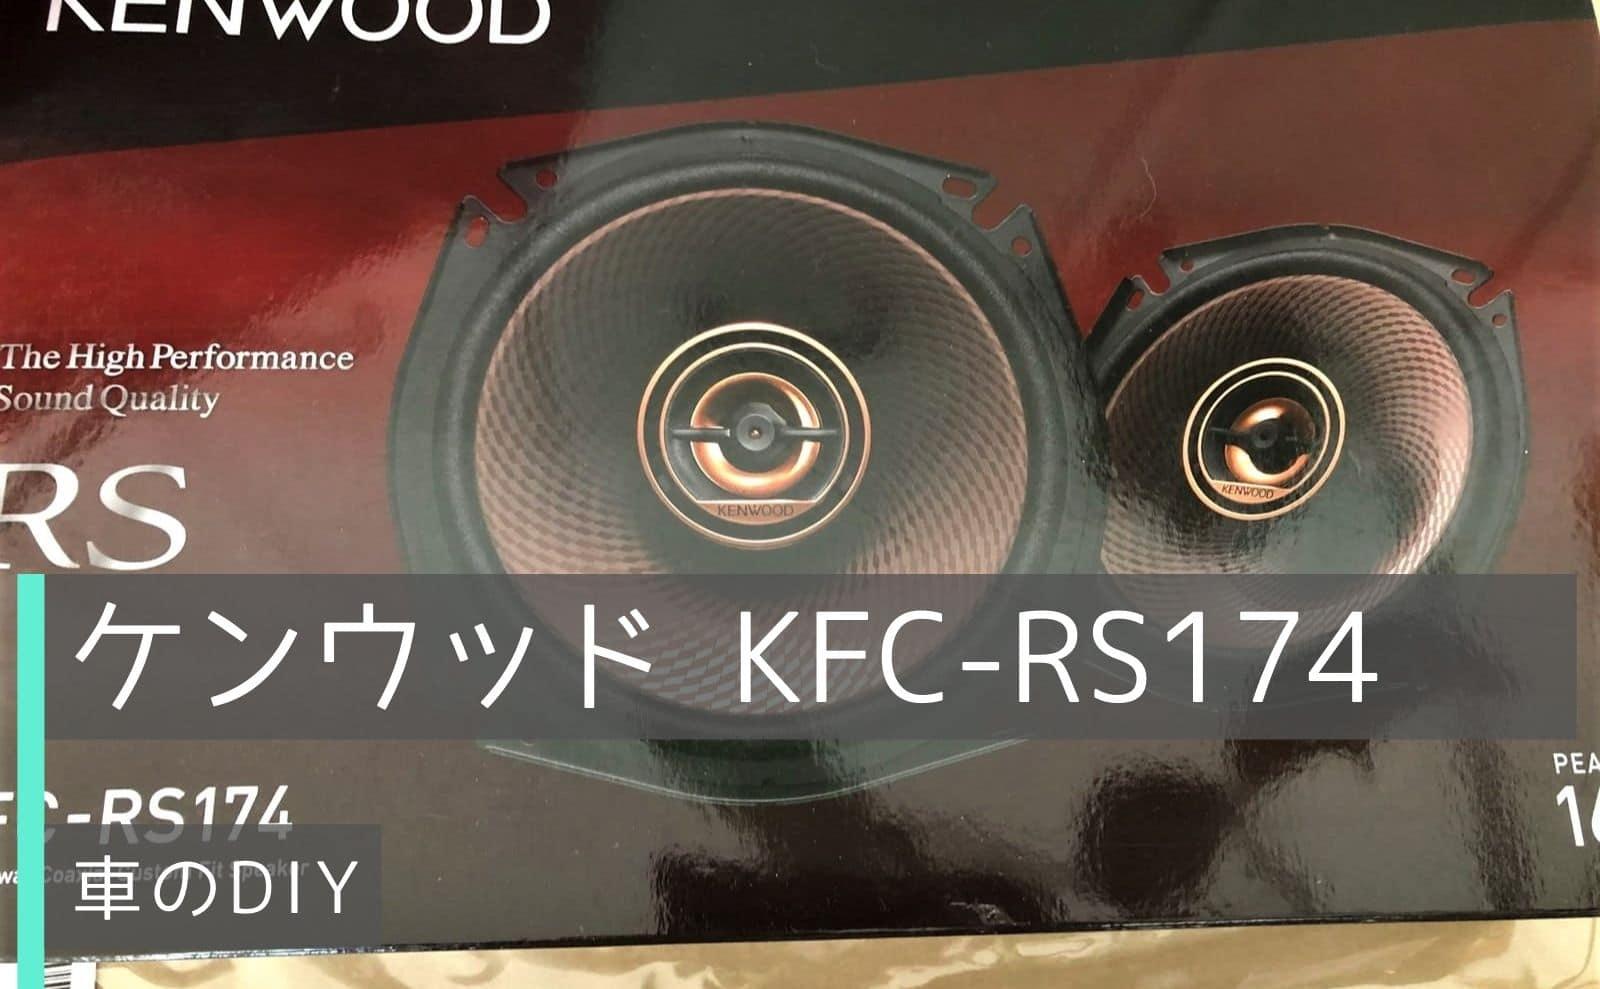 ケンウッドKFC-RS174レビュー